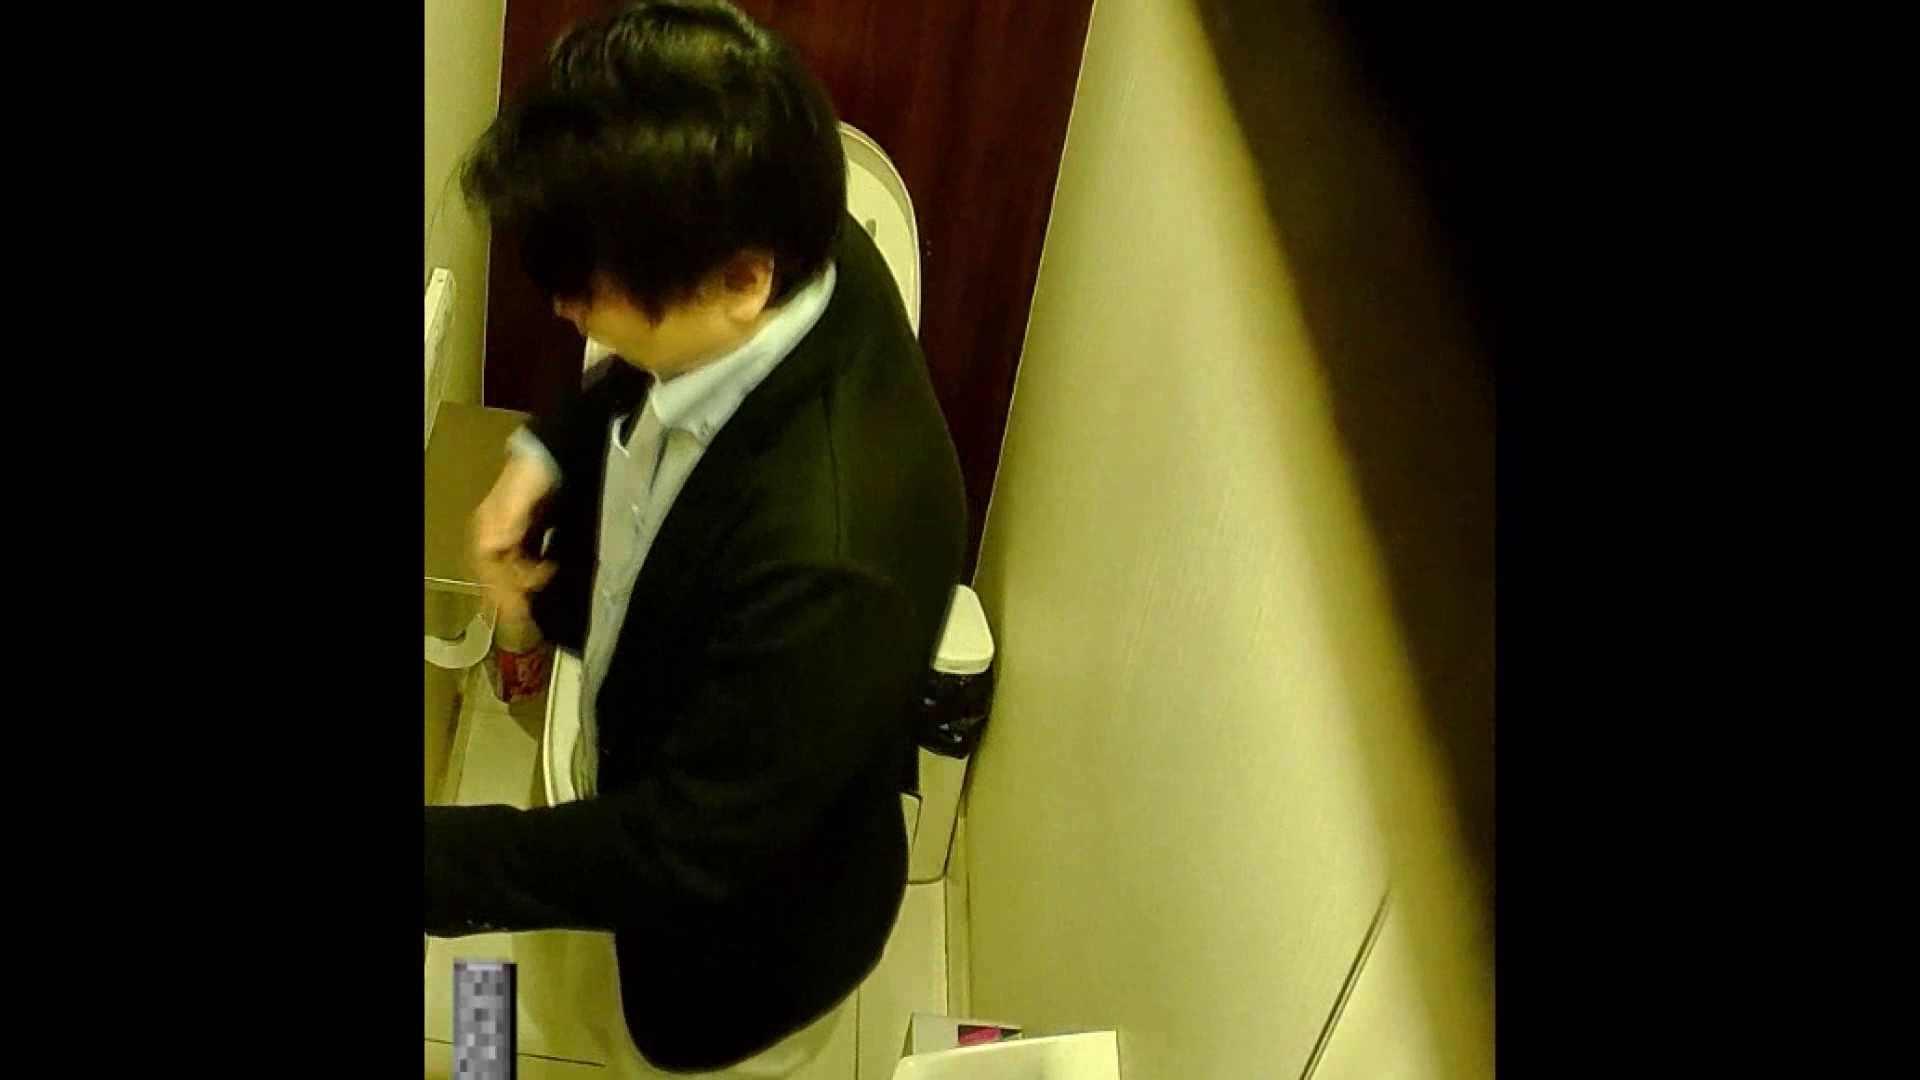 ゲイ アナル|イケメンの素顔in洗面所 Vol.10|スーツ